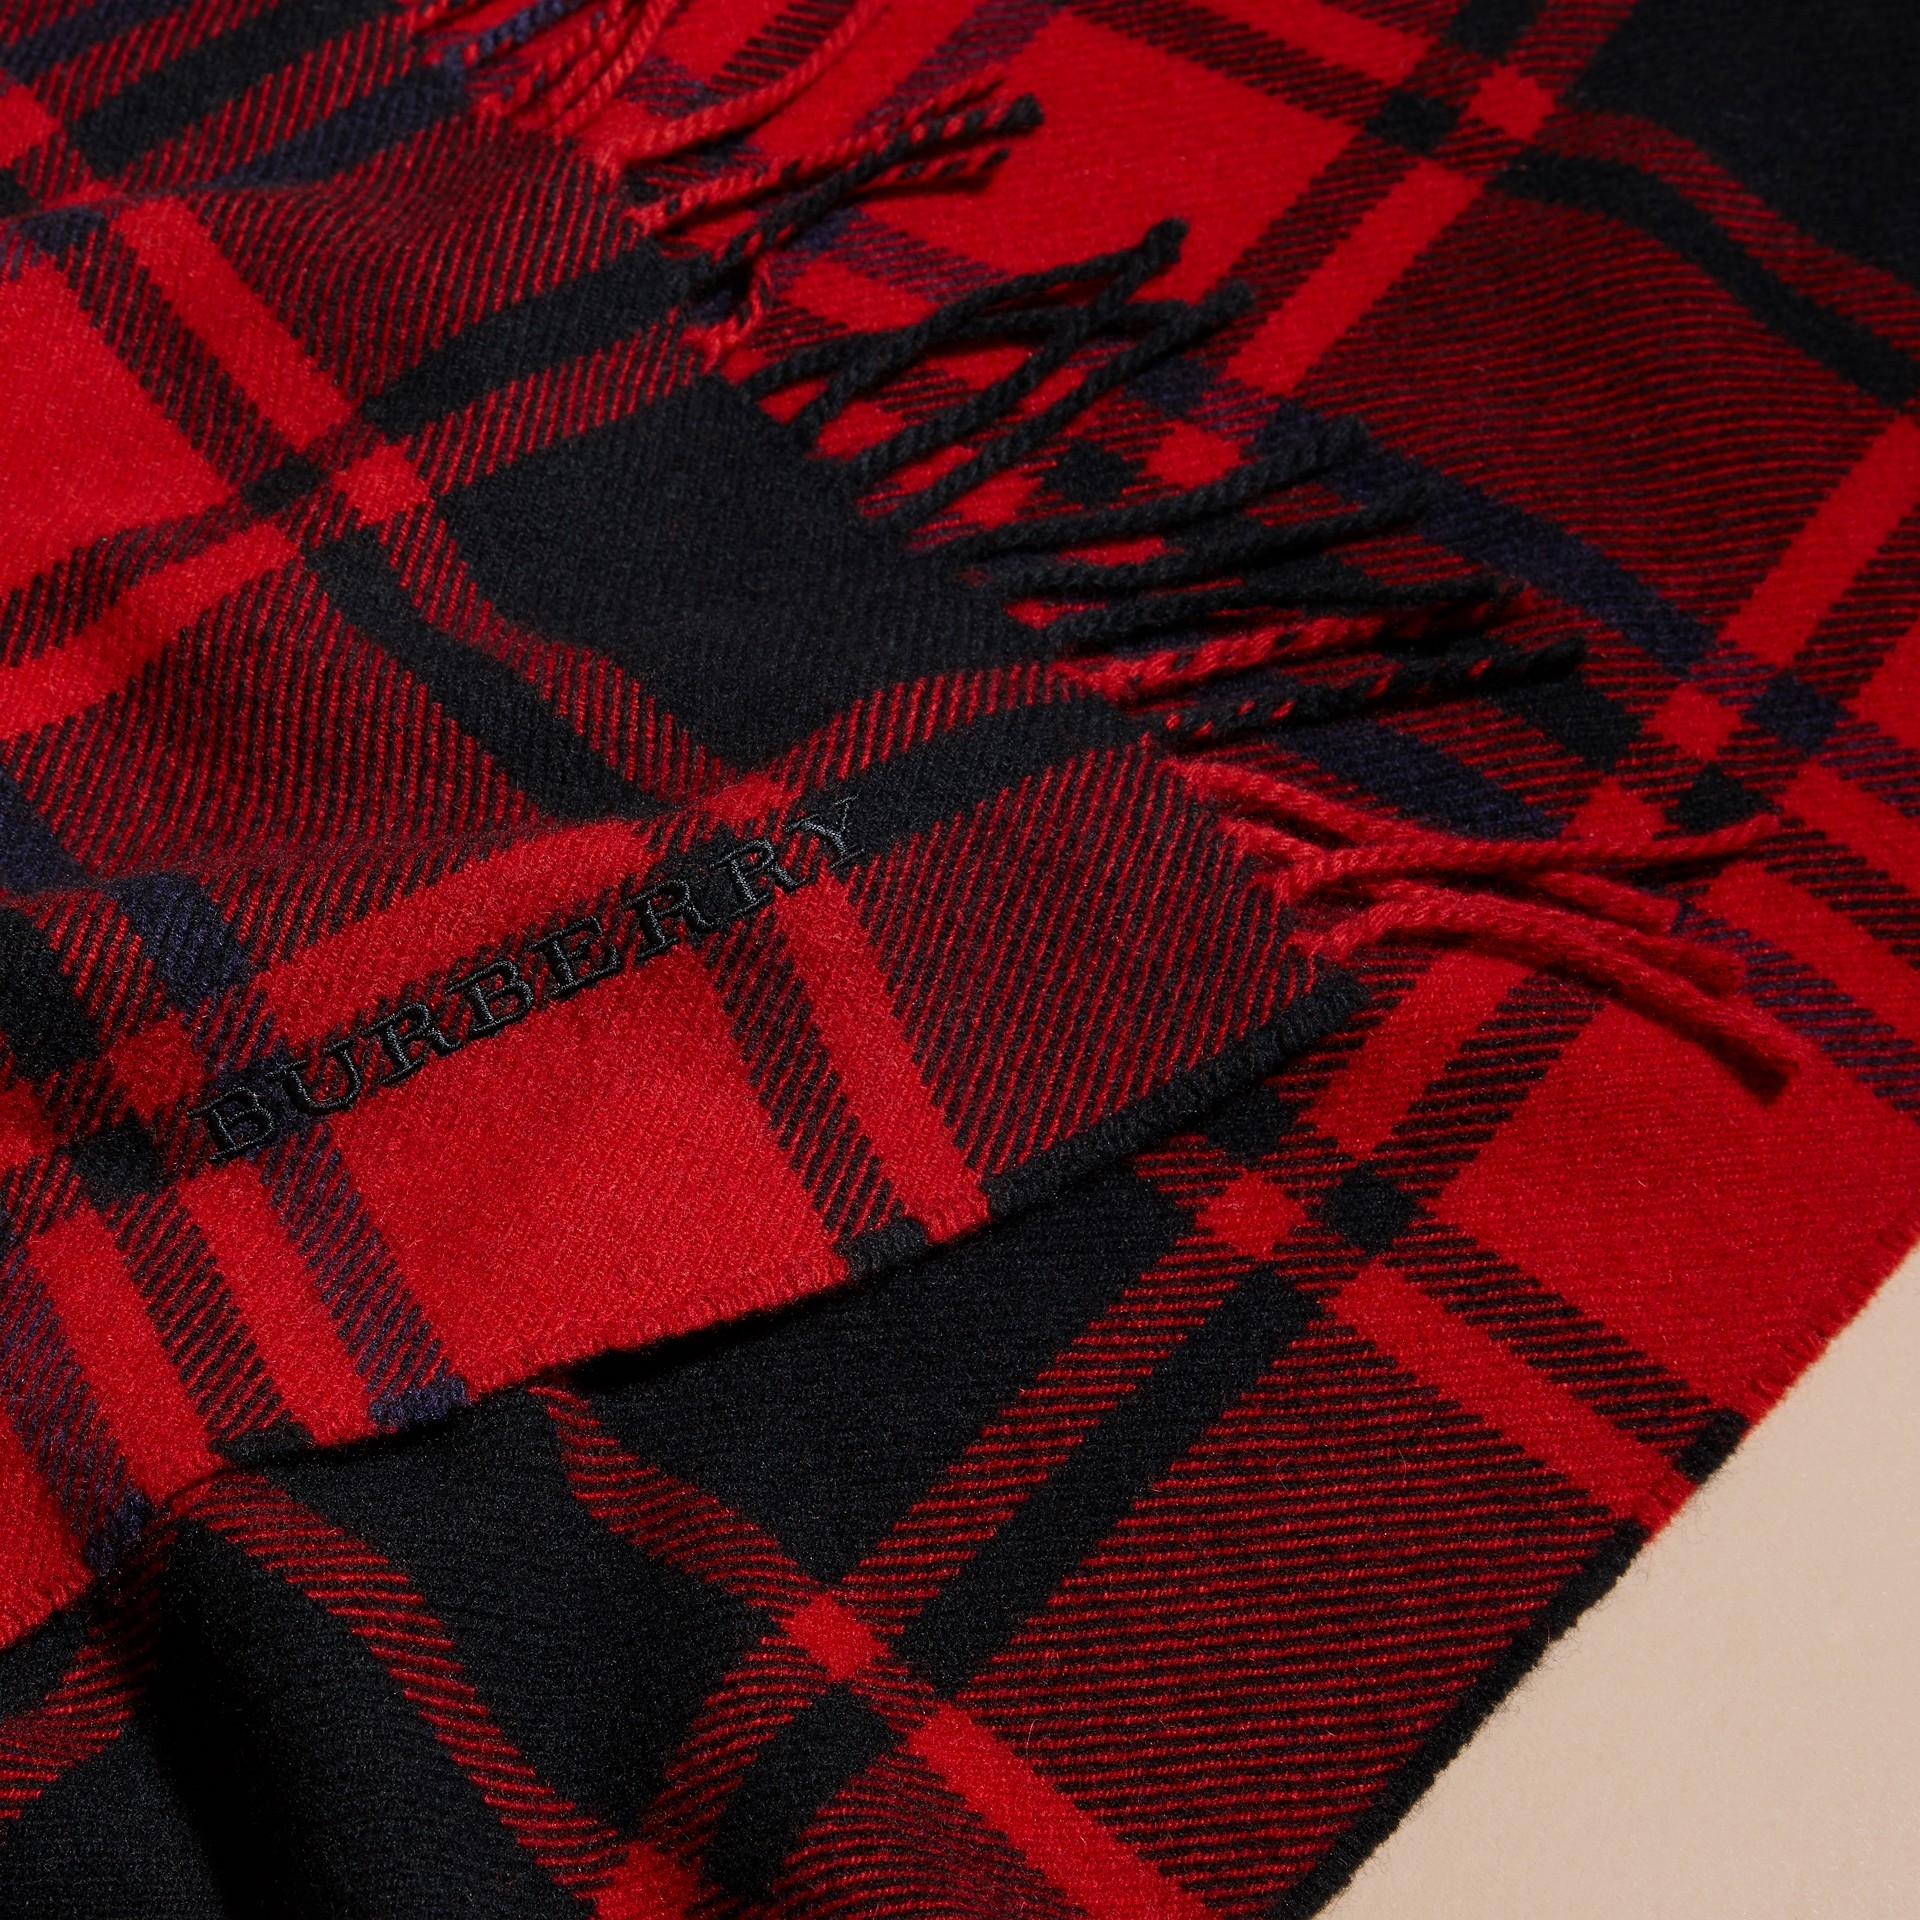 Rouge parade Écharpe oversize en cachemire et laine tartan à franges Rouge Parade - photo de la galerie 2